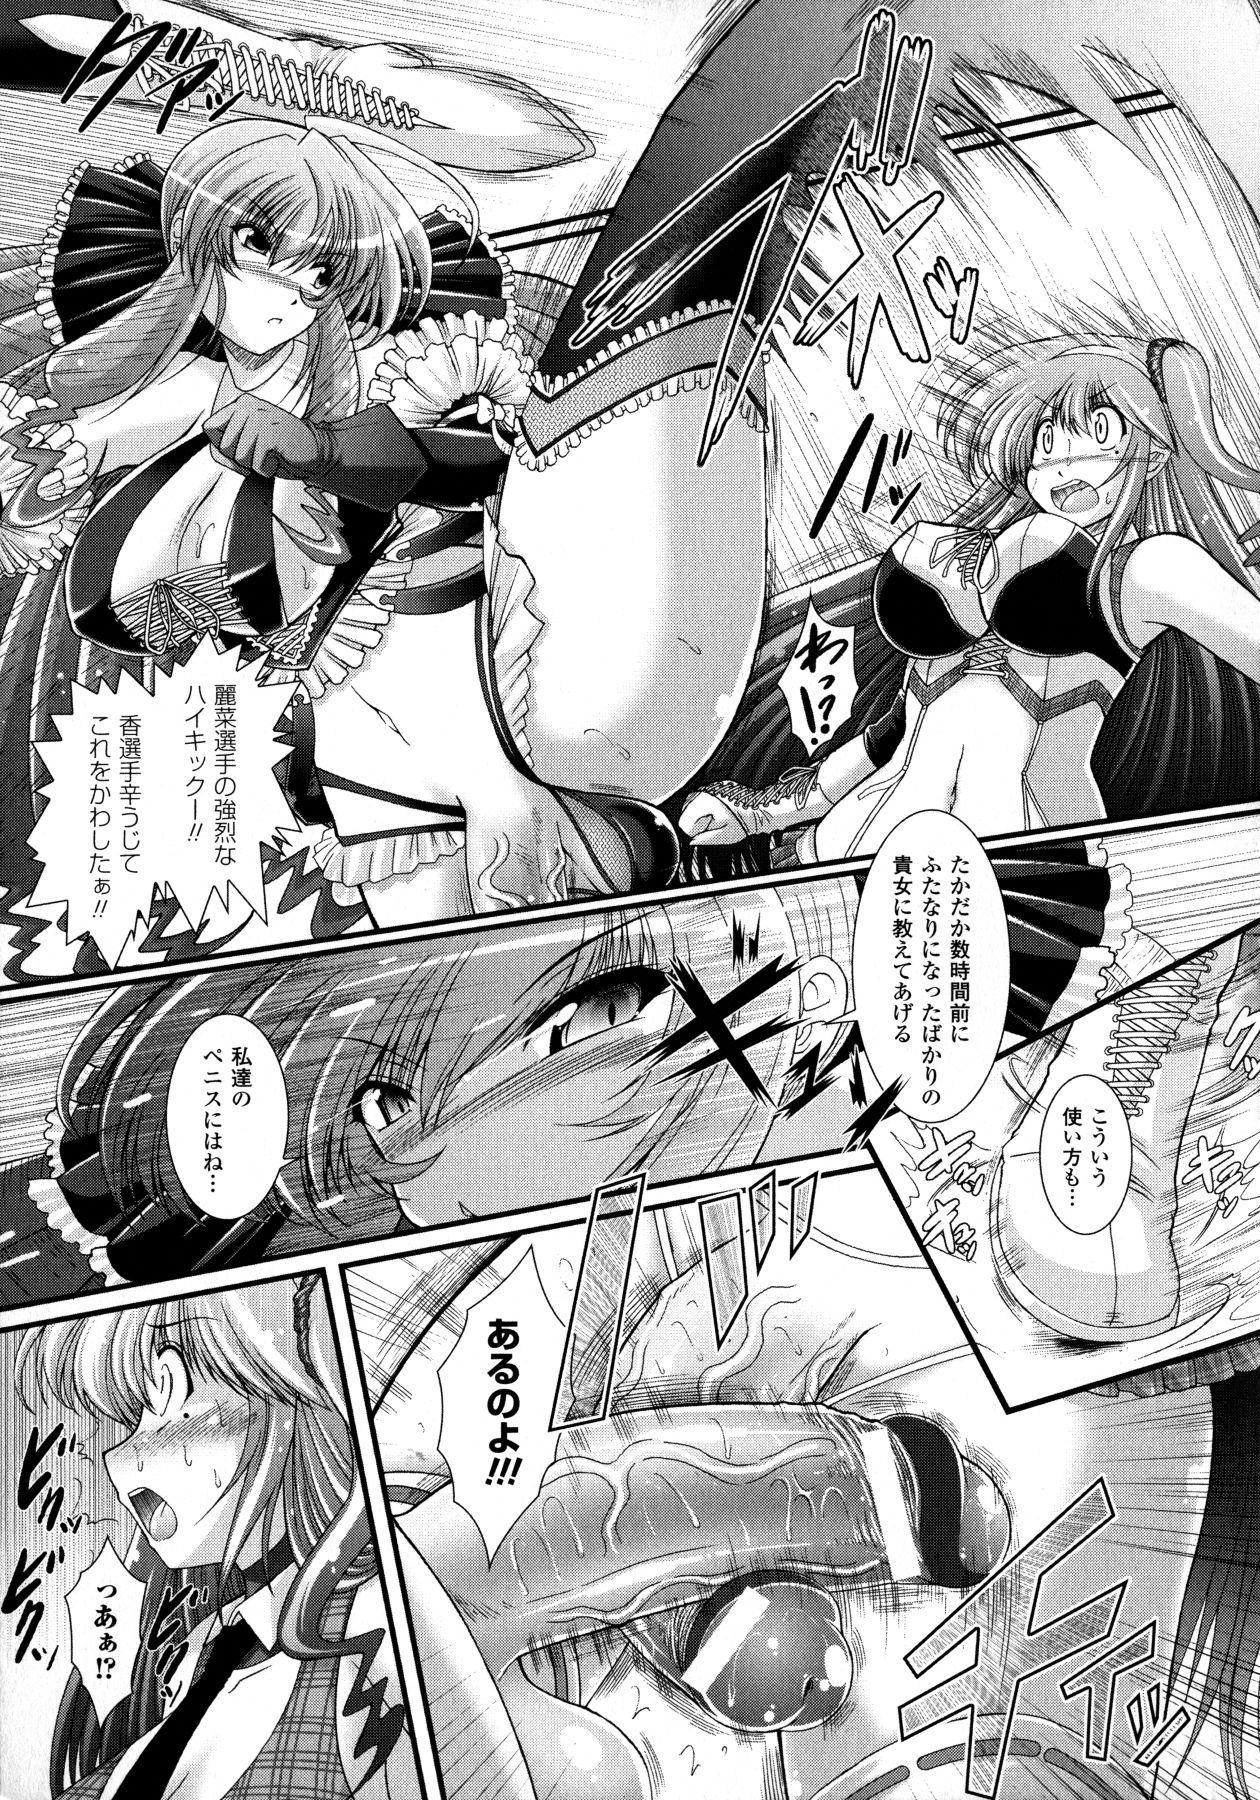 Akuma no Shitsumon 84